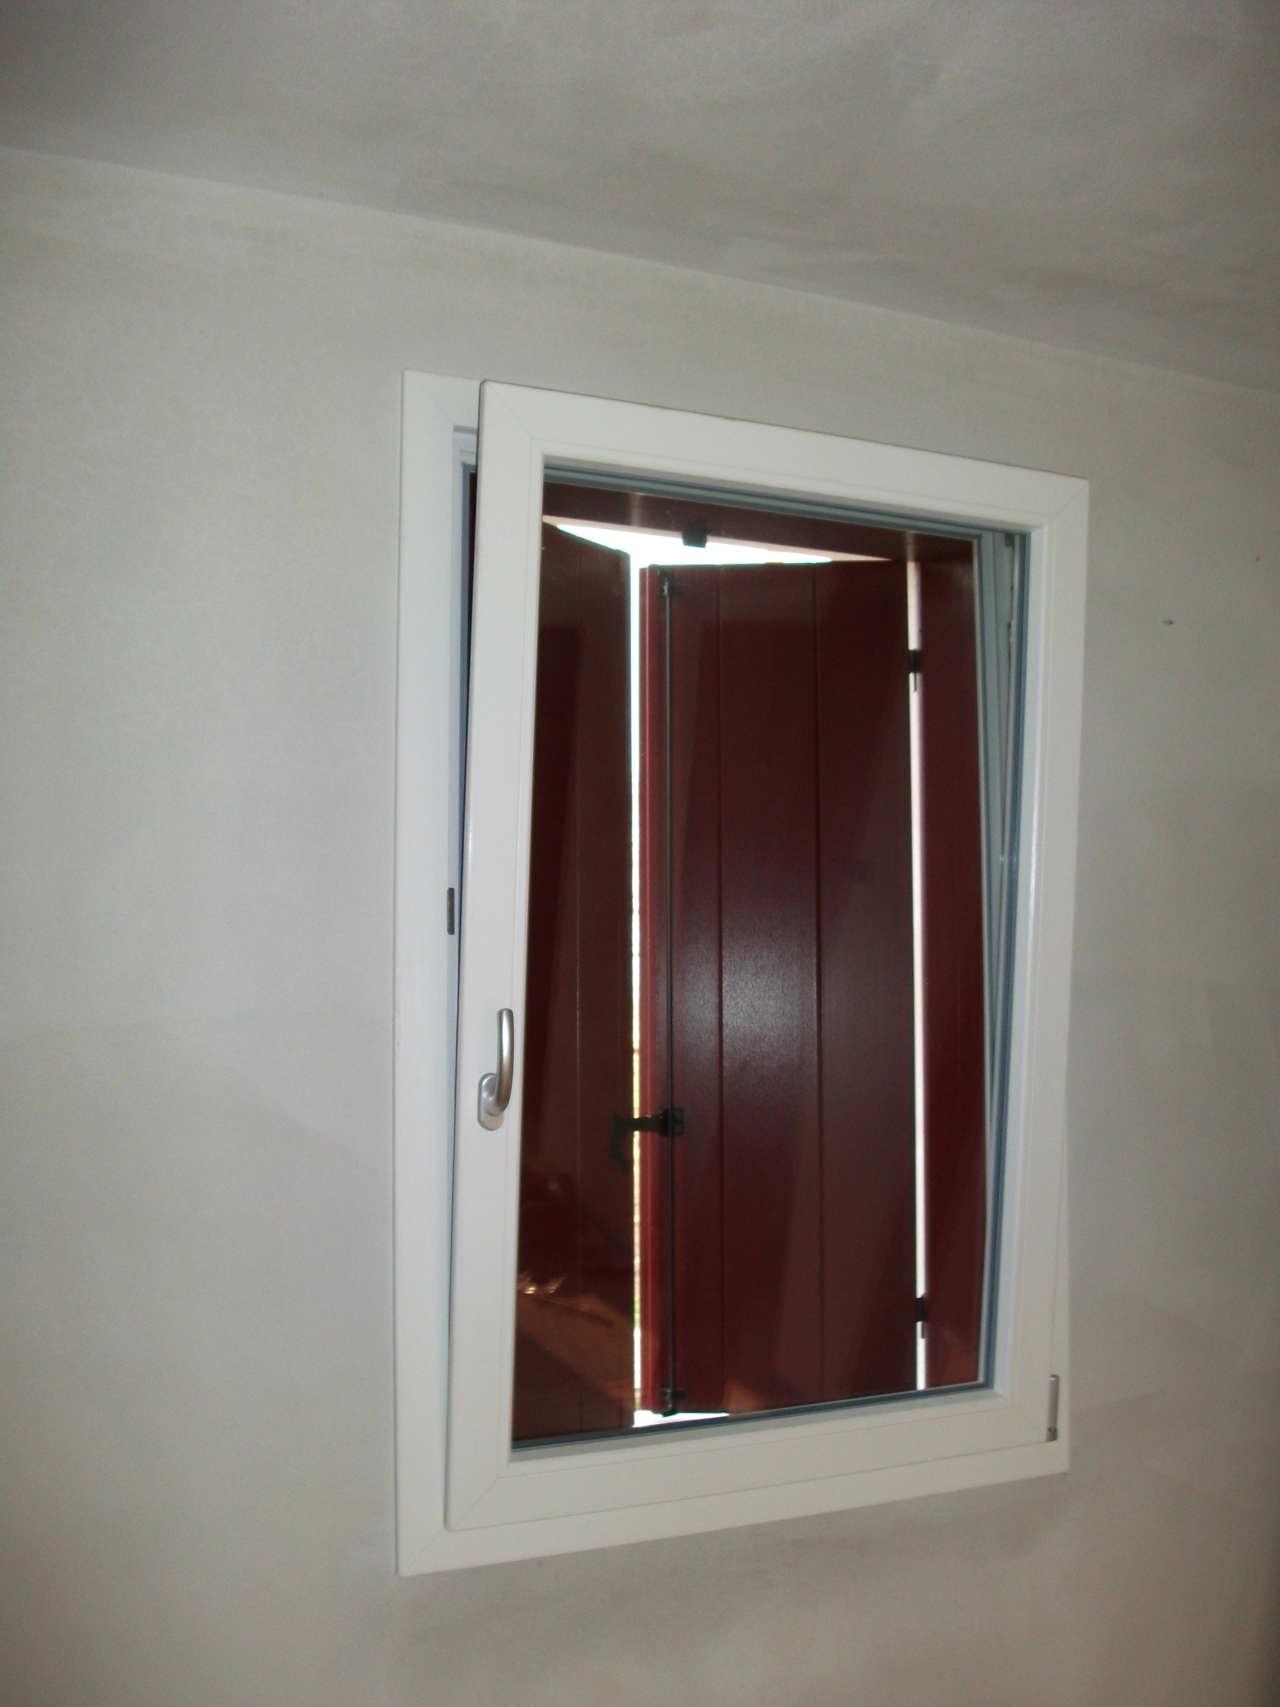 Contatti Ufficio Linea Emme Serramenti Realizzazioni In Pvc Finestre E Porte 18